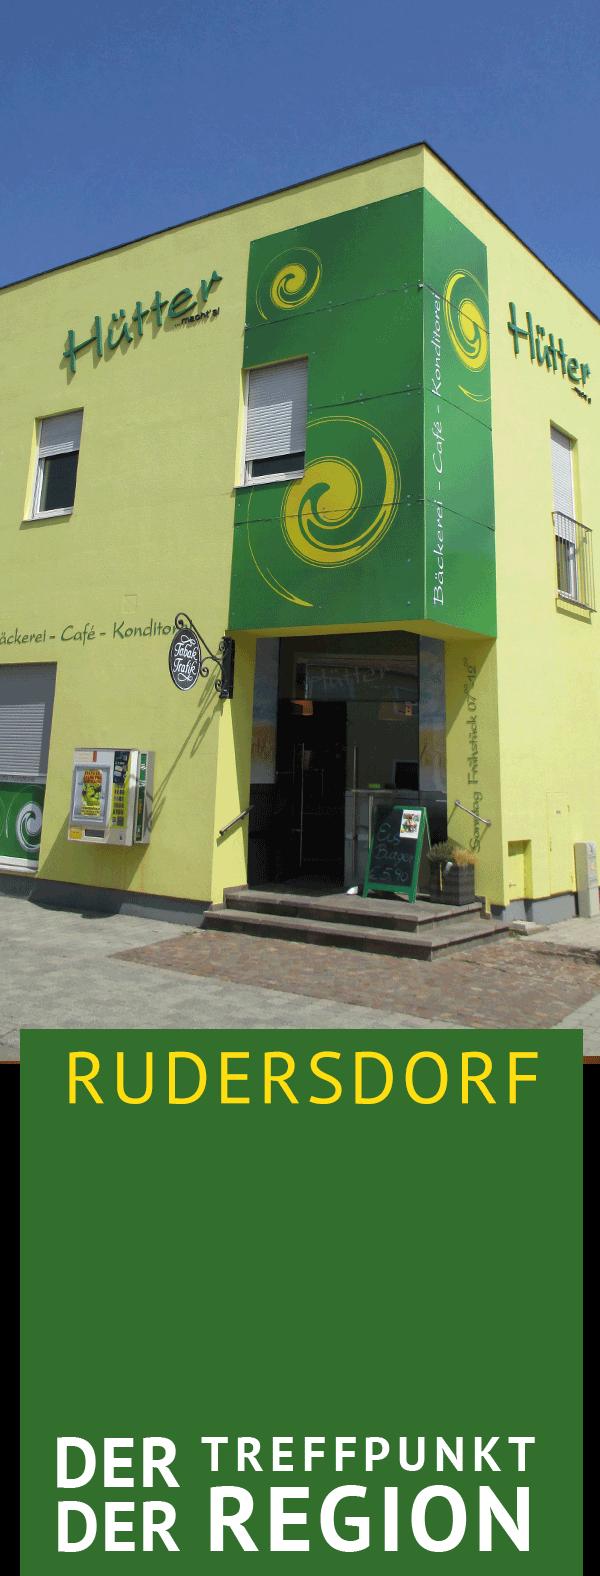 Bäckerei Hütter, Rudersdorf